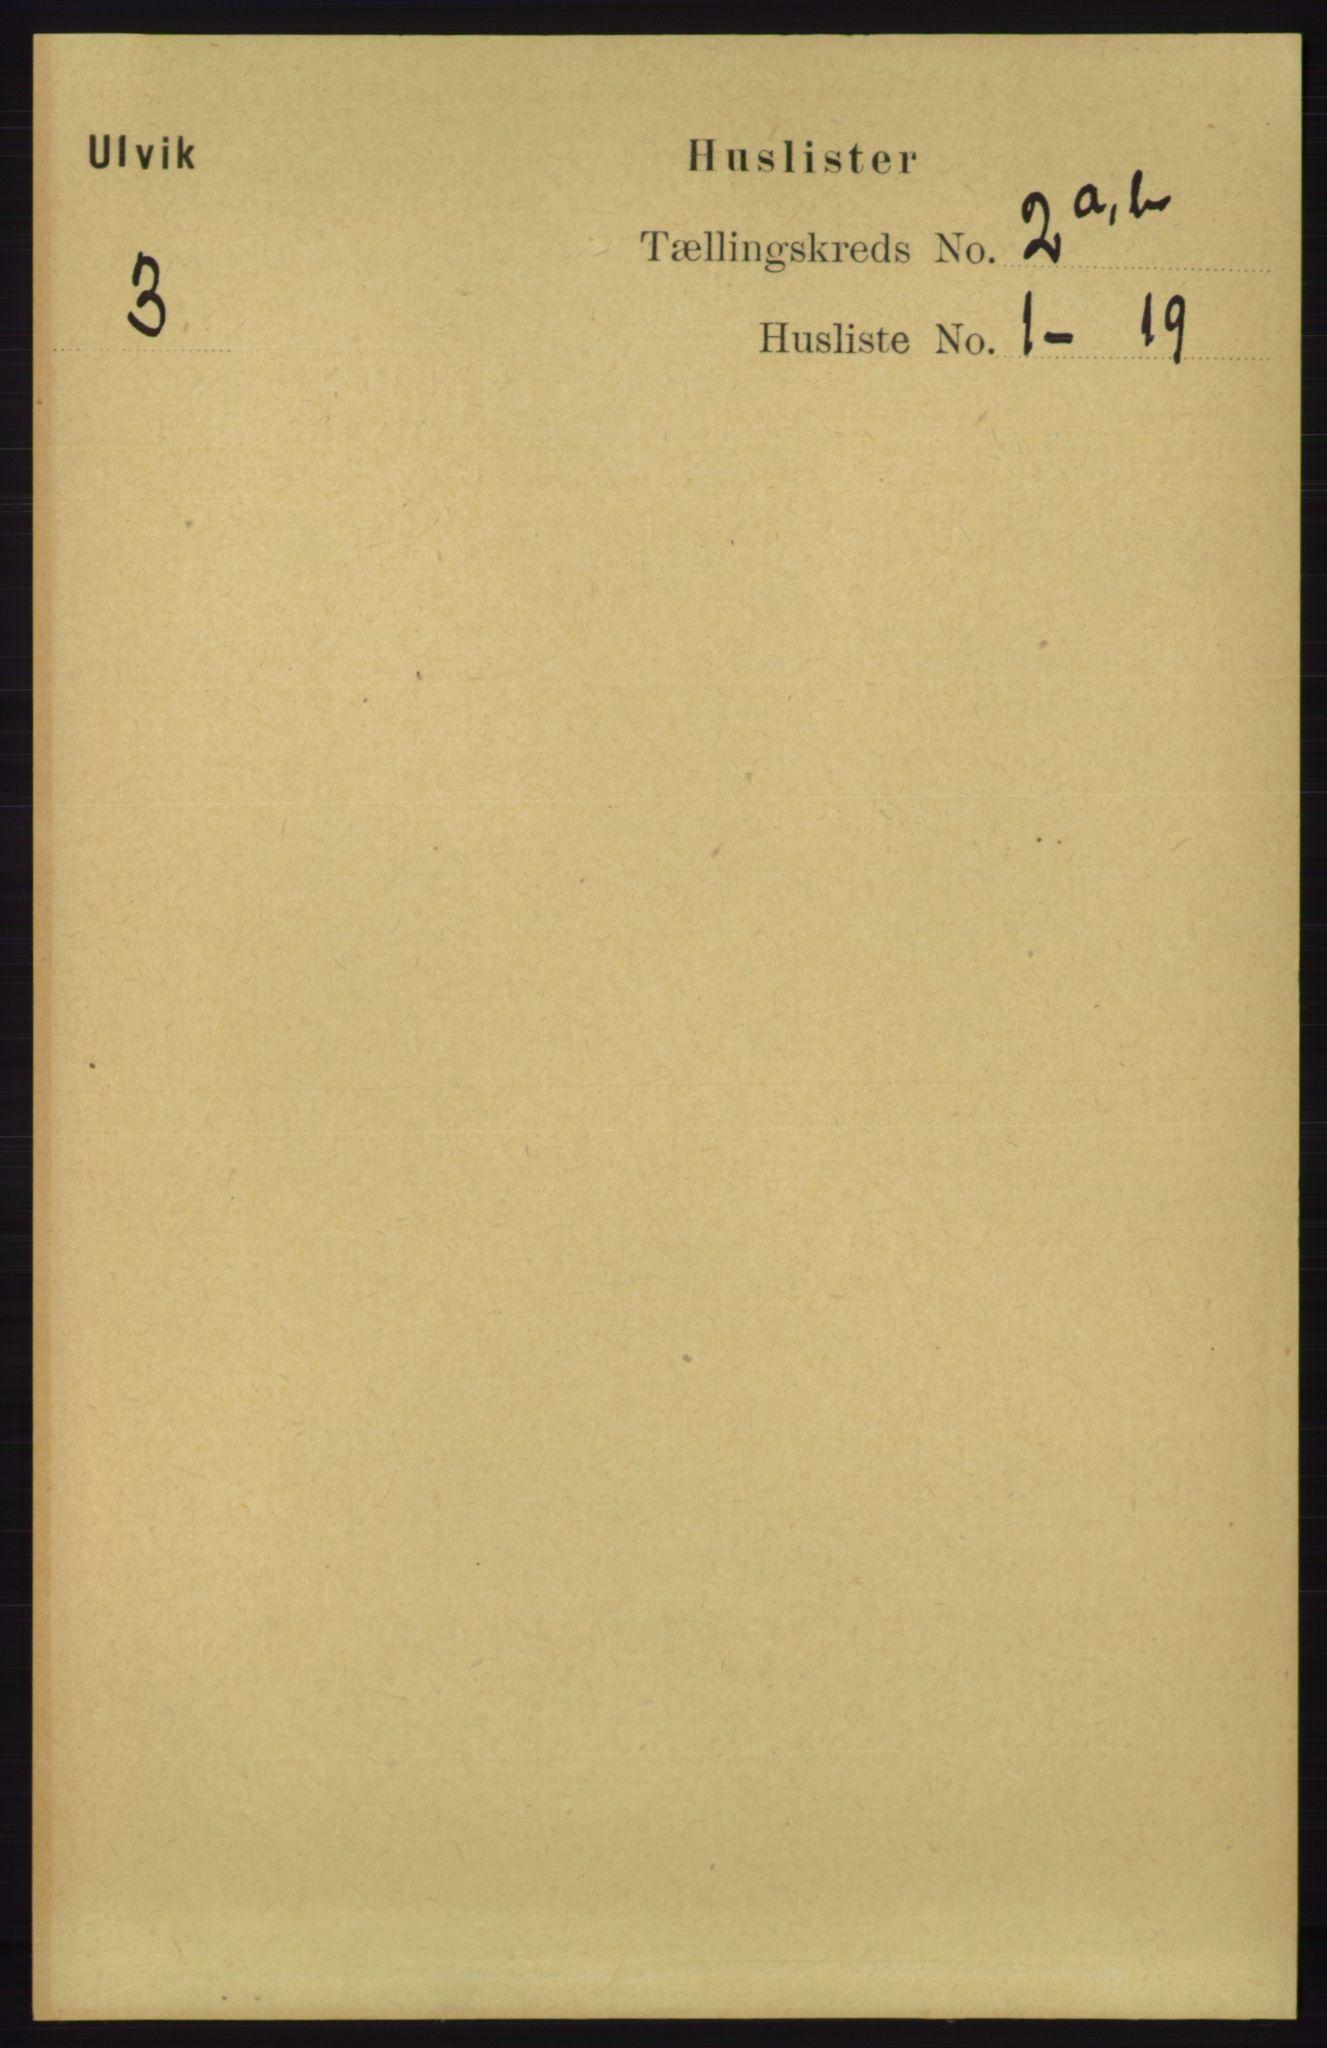 RA, Folketelling 1891 for 1233 Ulvik herred, 1891, s. 213